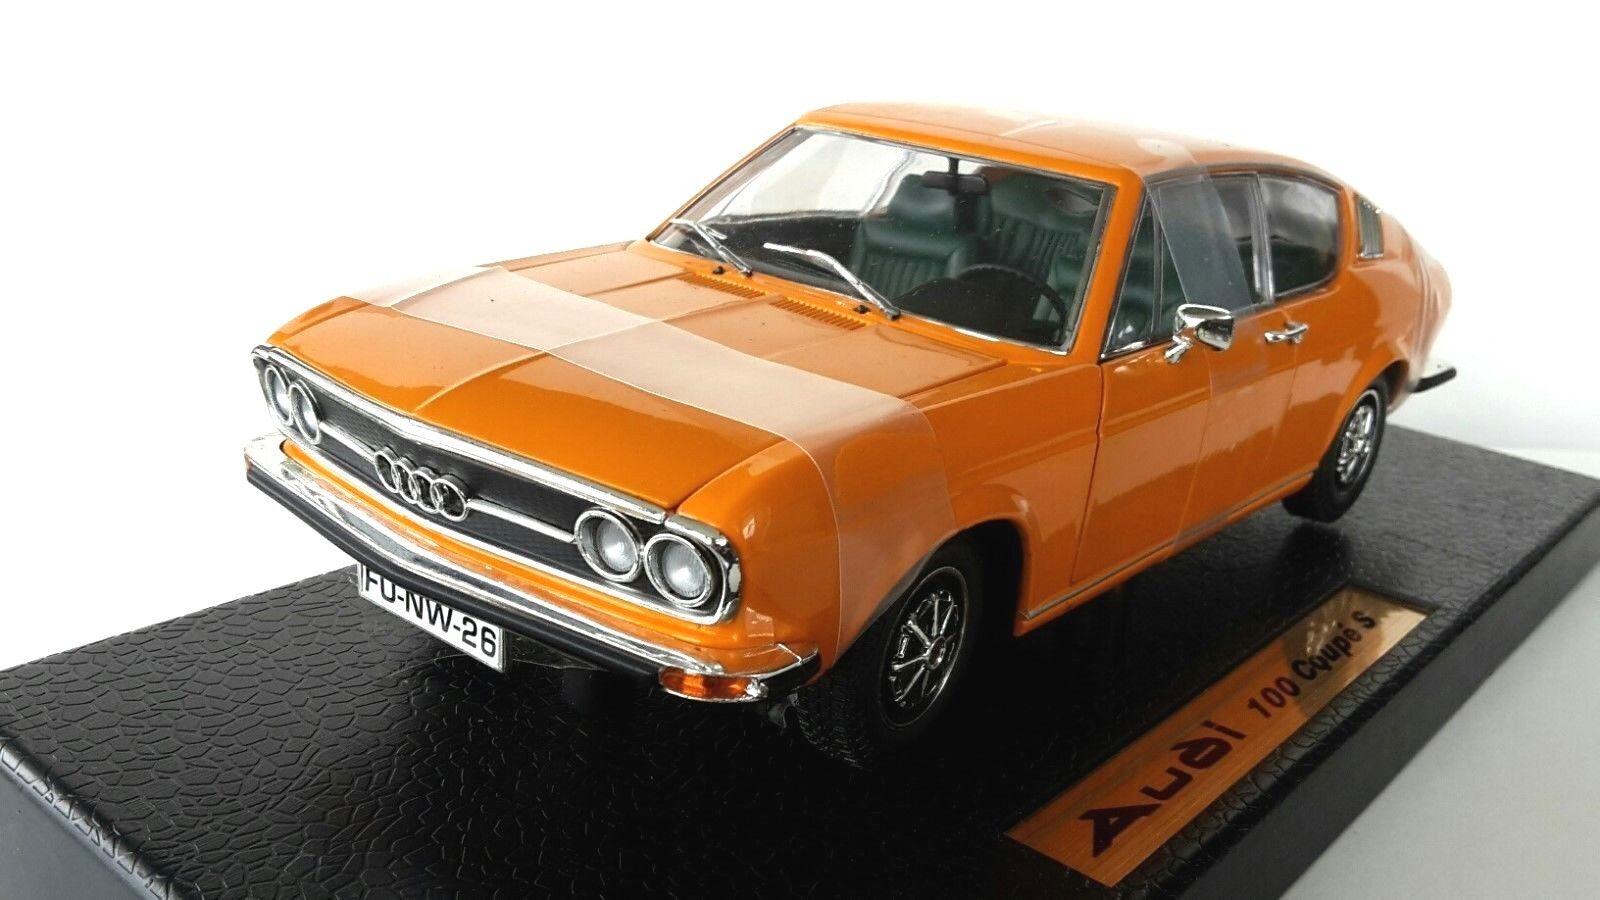 Anson 1/18 1:18 AUDI 100 Coupé S Orange-Nº 30402 Diecast voiture modèle. | Apparence Attrayante  | Réduction  | La Réputation D'abord